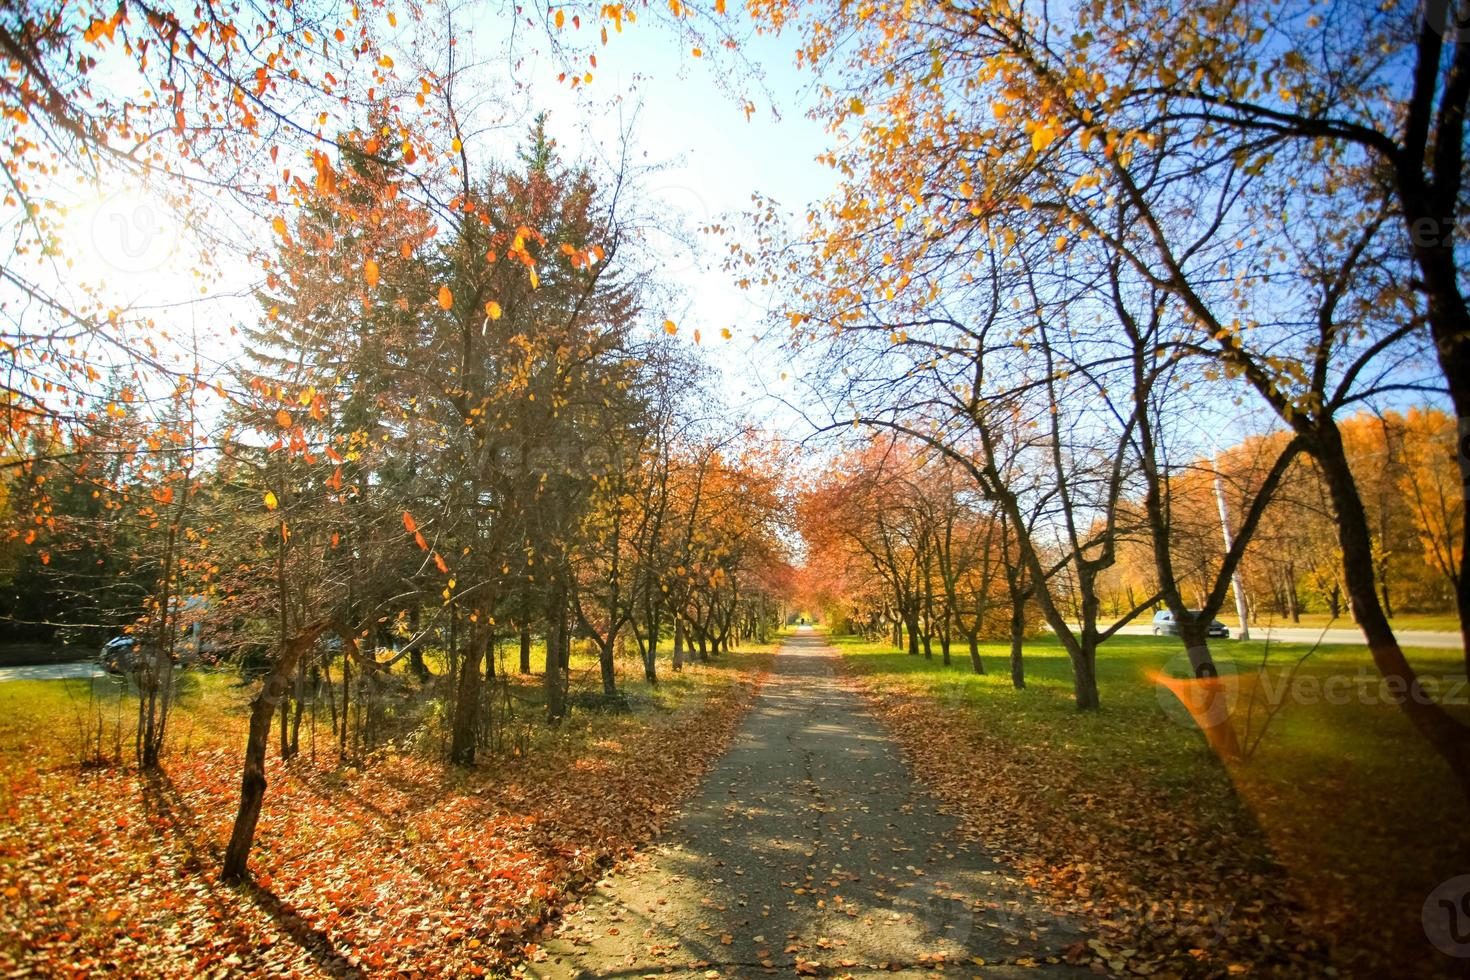 paesaggio autunnale con strada e bellissimi alberi colorati foto